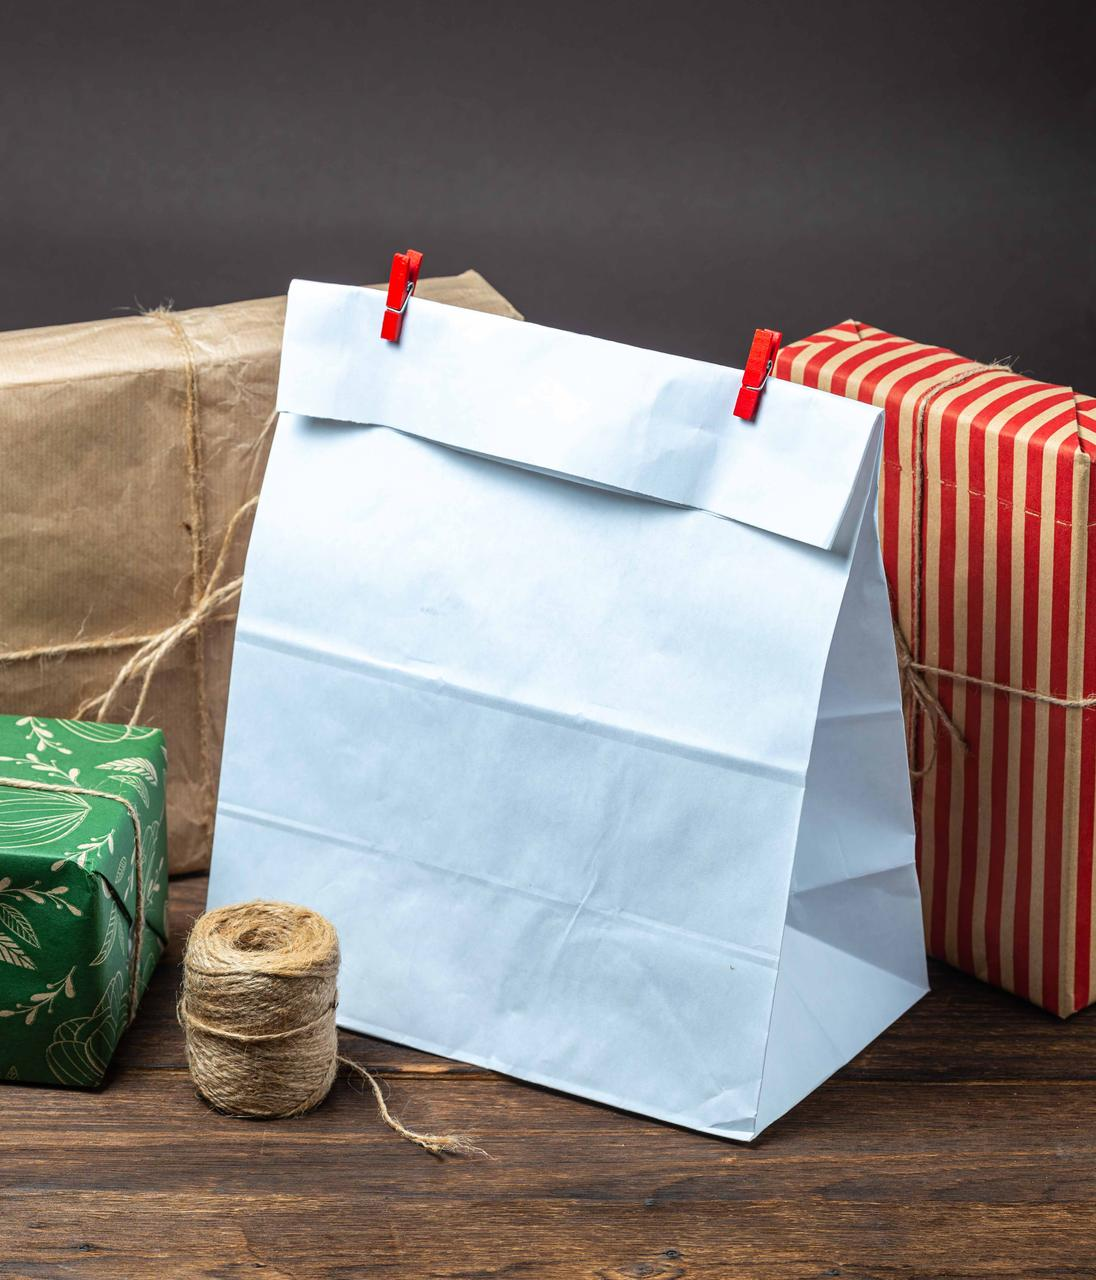 Пакет бумажный белый 150*90*240 мм крафт пакет с плоским дном